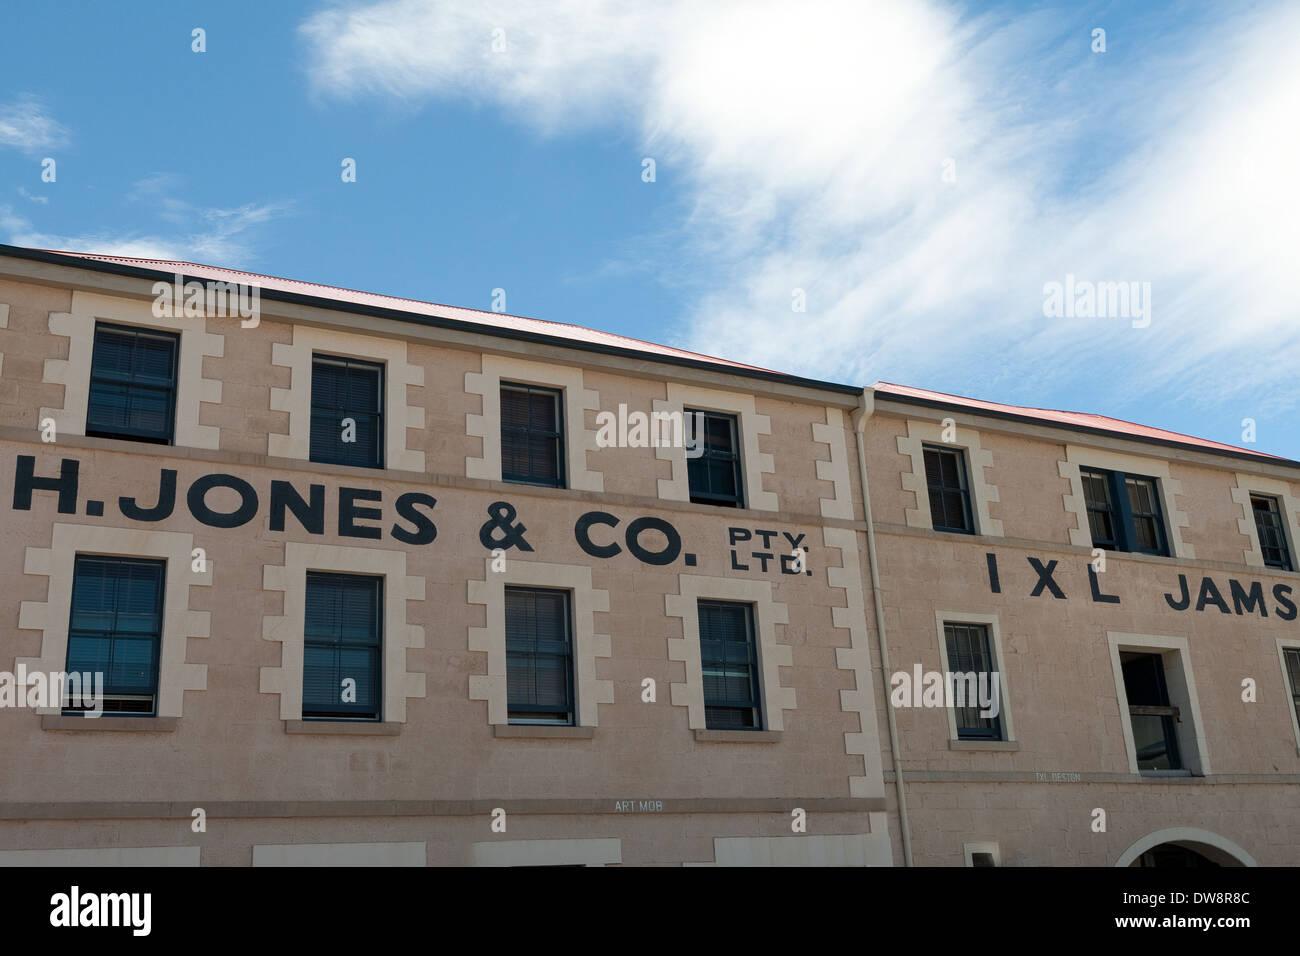 Ixl Stock Photos & Ixl Stock Images - Alamy